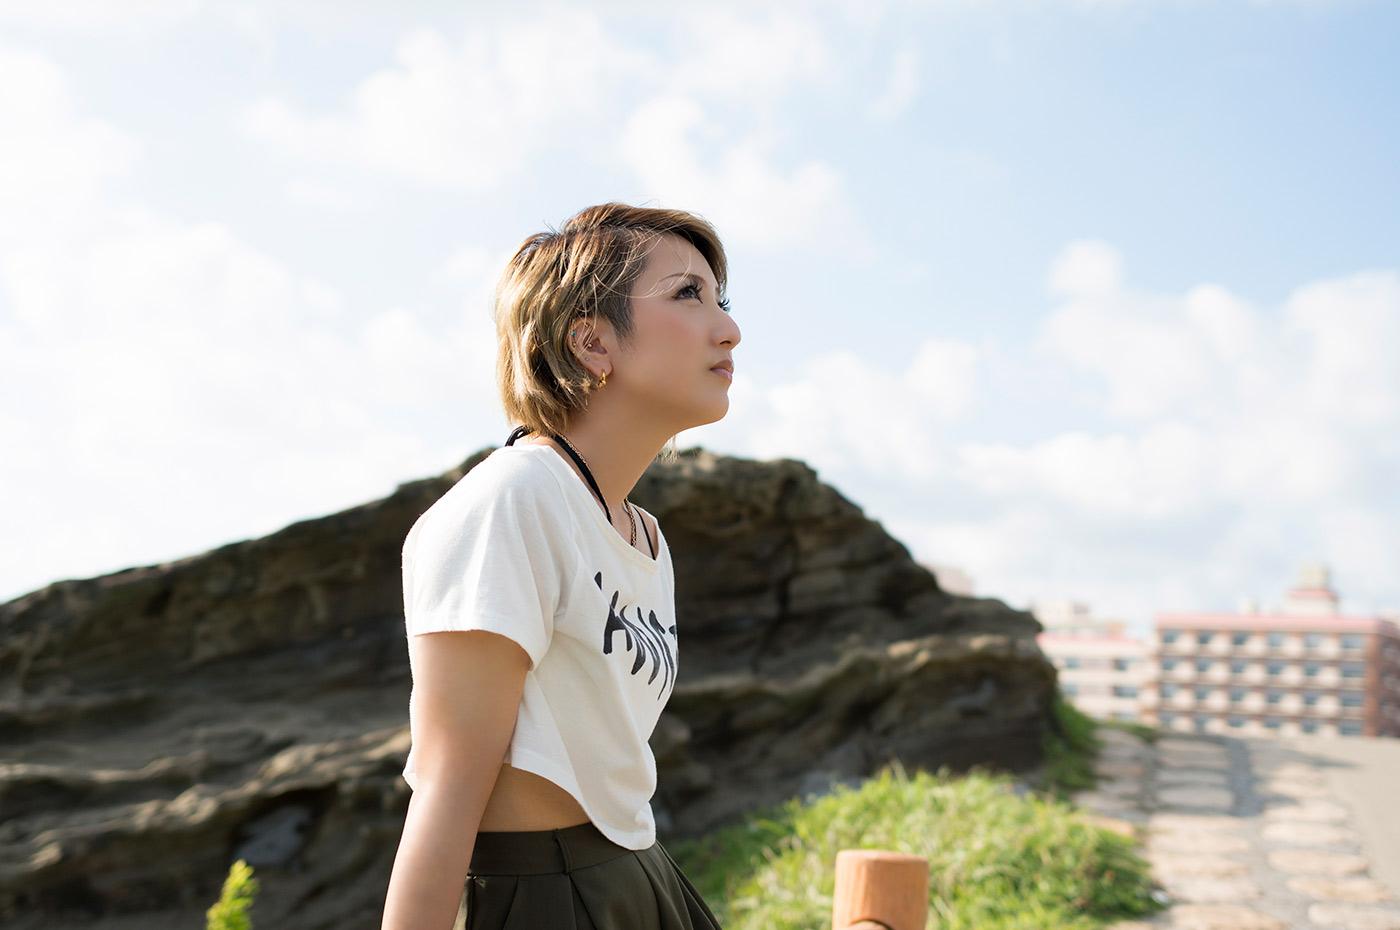 野島崎灯台 野島崎公園で佇むガール